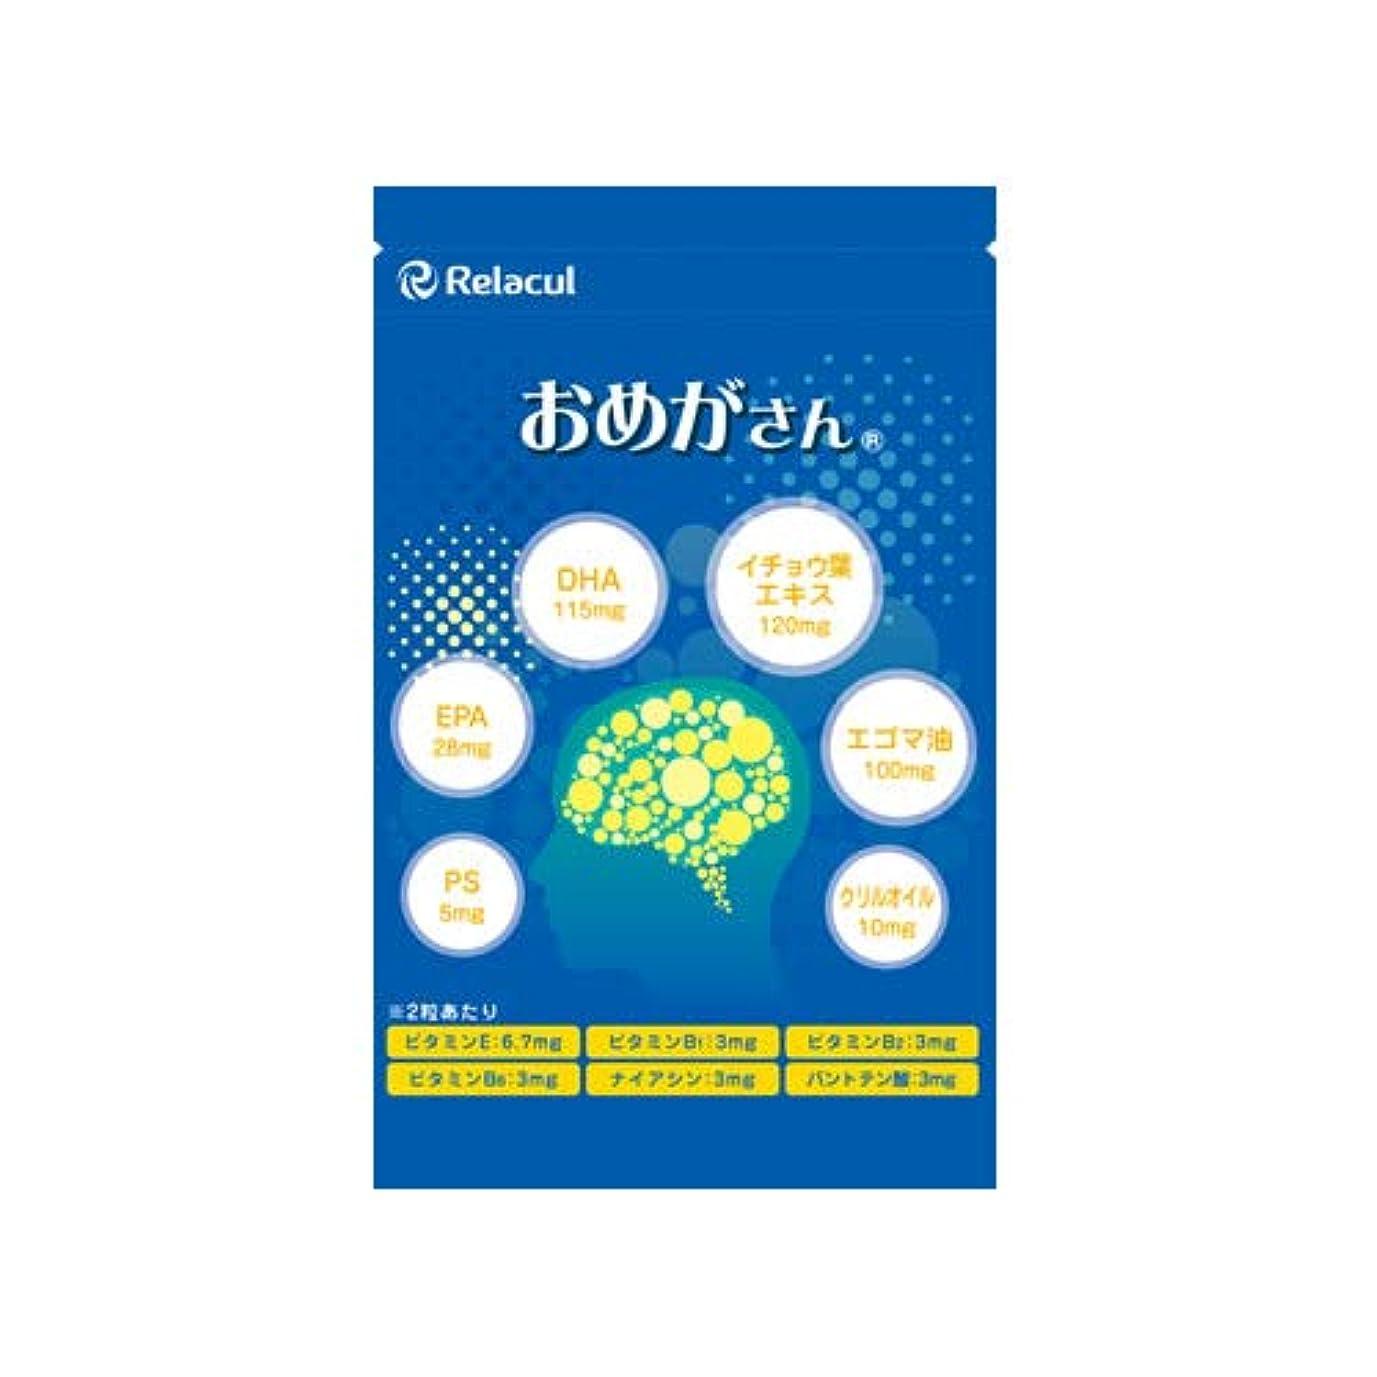 行く秋団結オメガ3脂肪酸 DHA EPA サプリ ( 日本製 ) うっかり 対策 サプリメント [偏った食生活に] フィッシュオイル イチョウ葉エキス エゴマ油 クリルオイル [ おめがさん 1袋 ] 60粒入 (約1か月分)